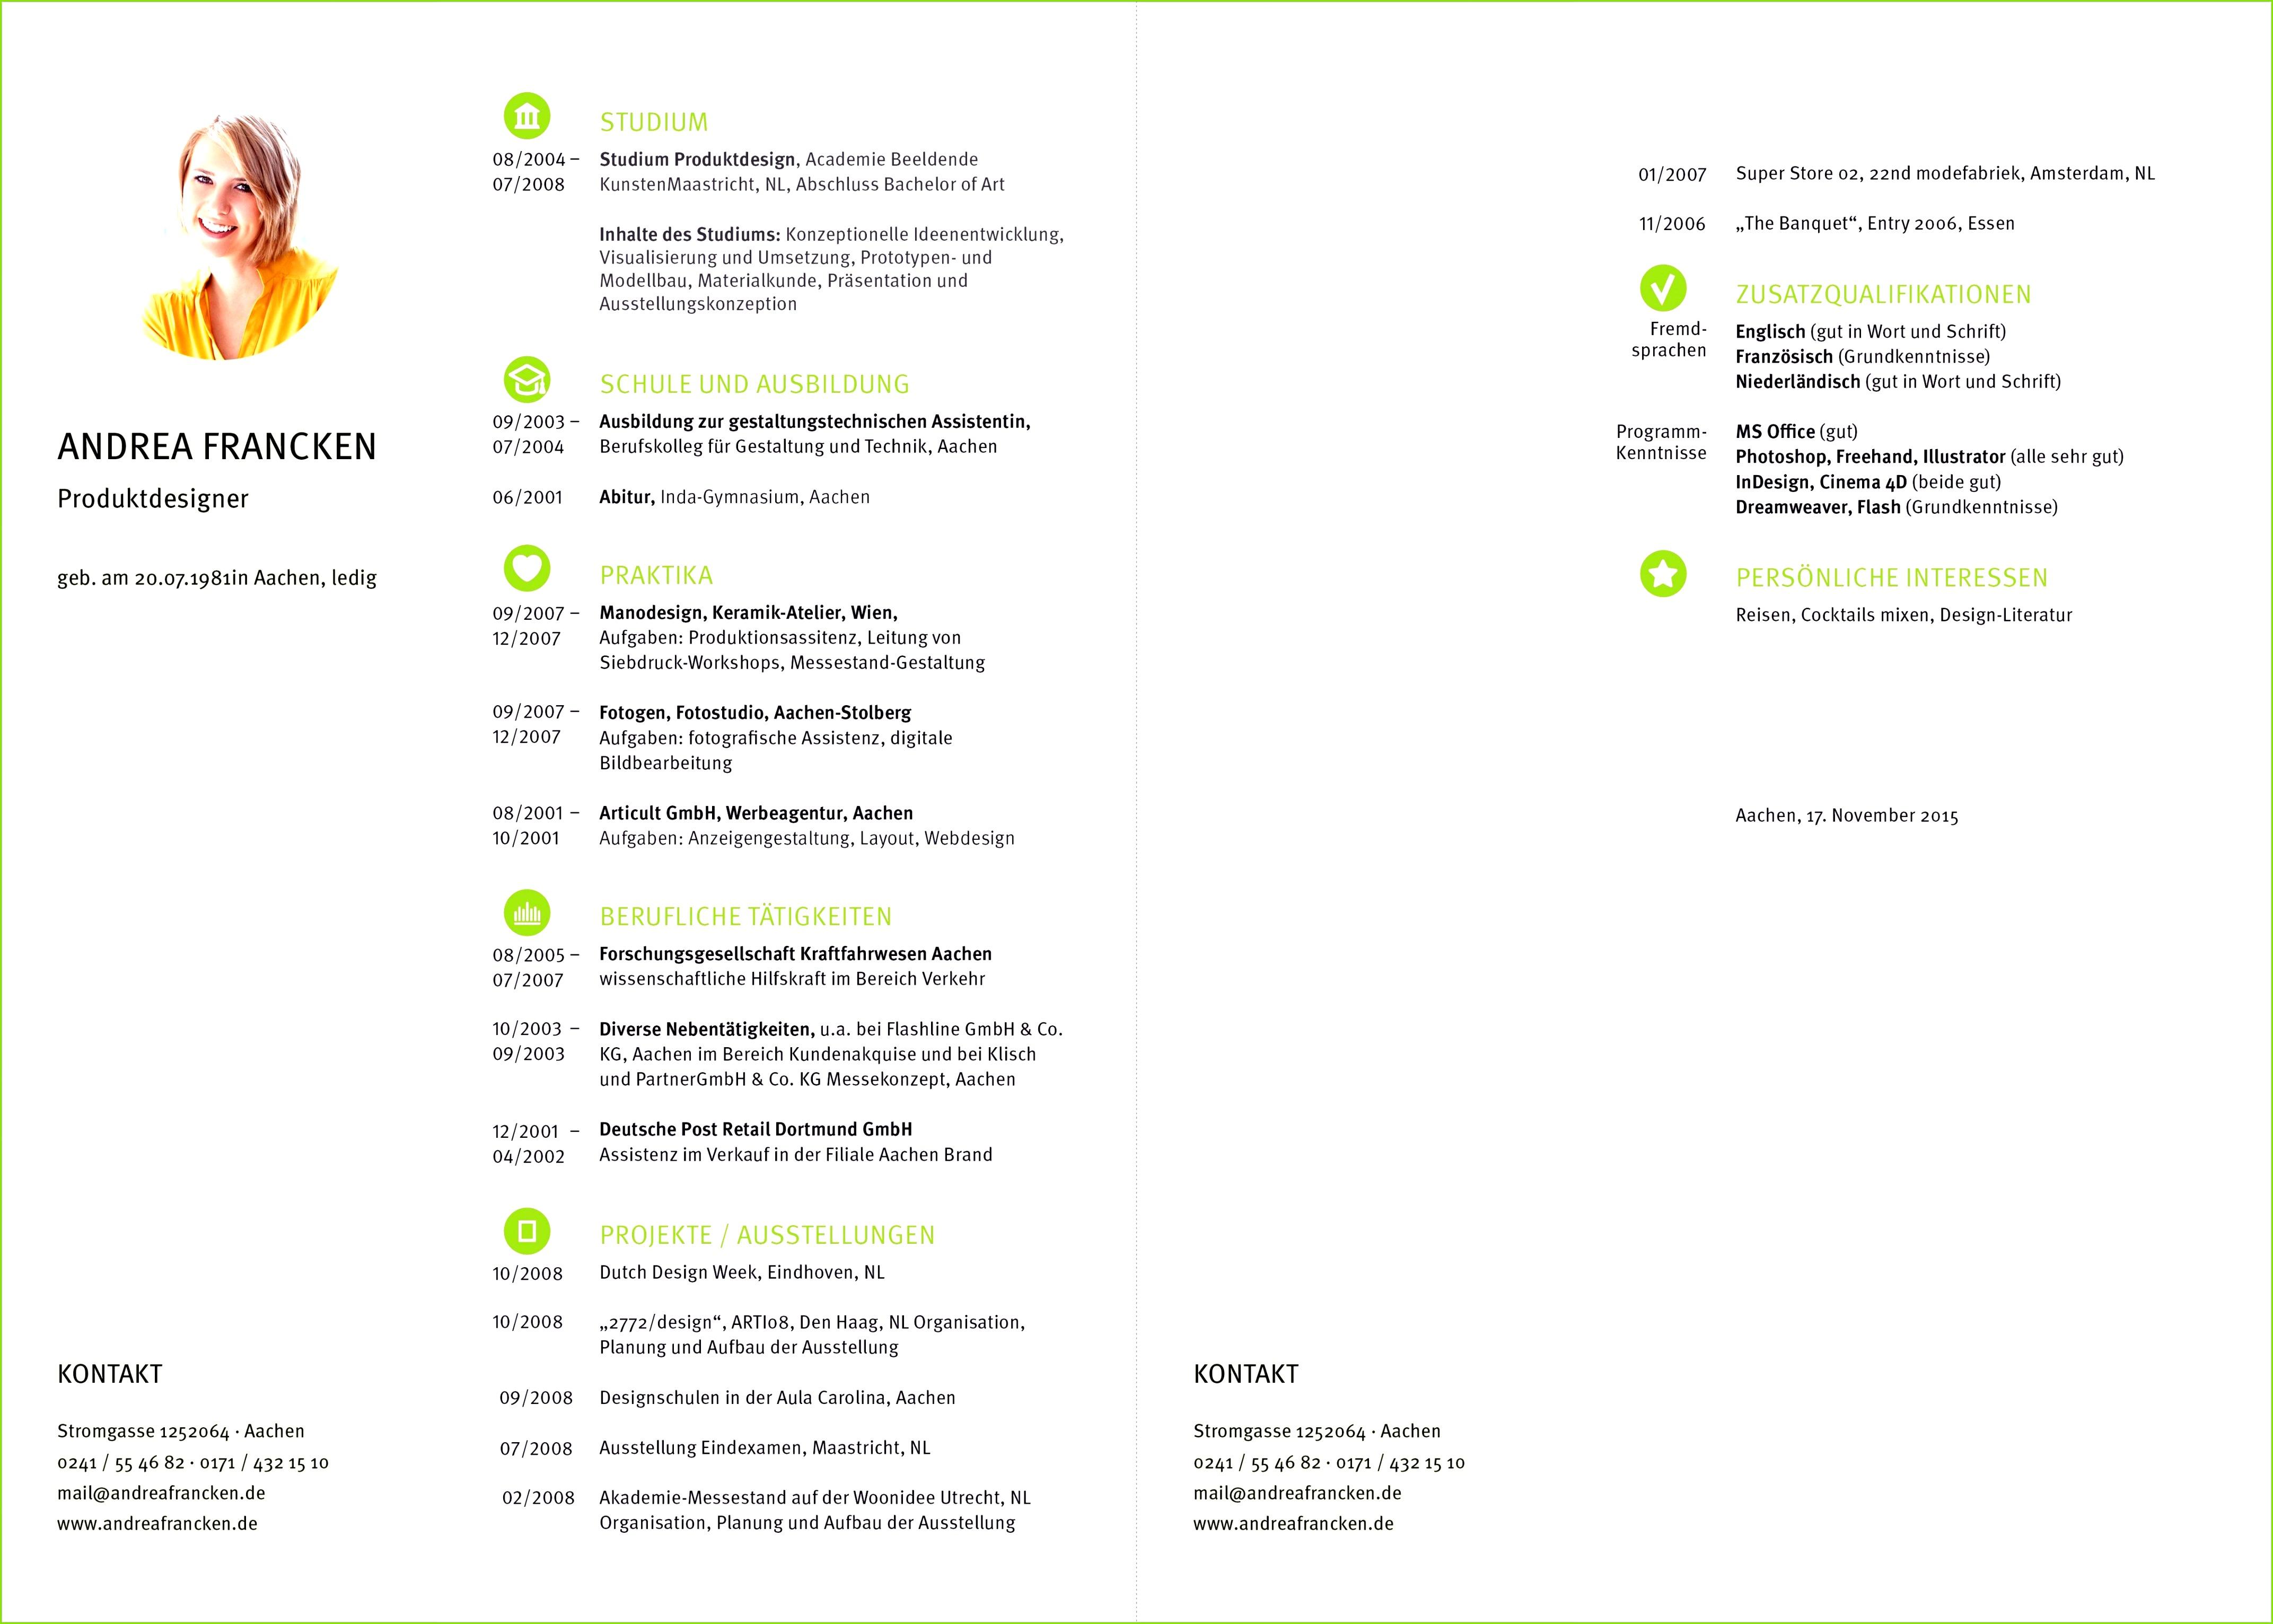 42 architektur wissenschaftlicher lebenslauf vorlage 19 awesome roll up banner basis ausstellerserviceformulare 2012 40 motiv lebenslauf muster praktikum